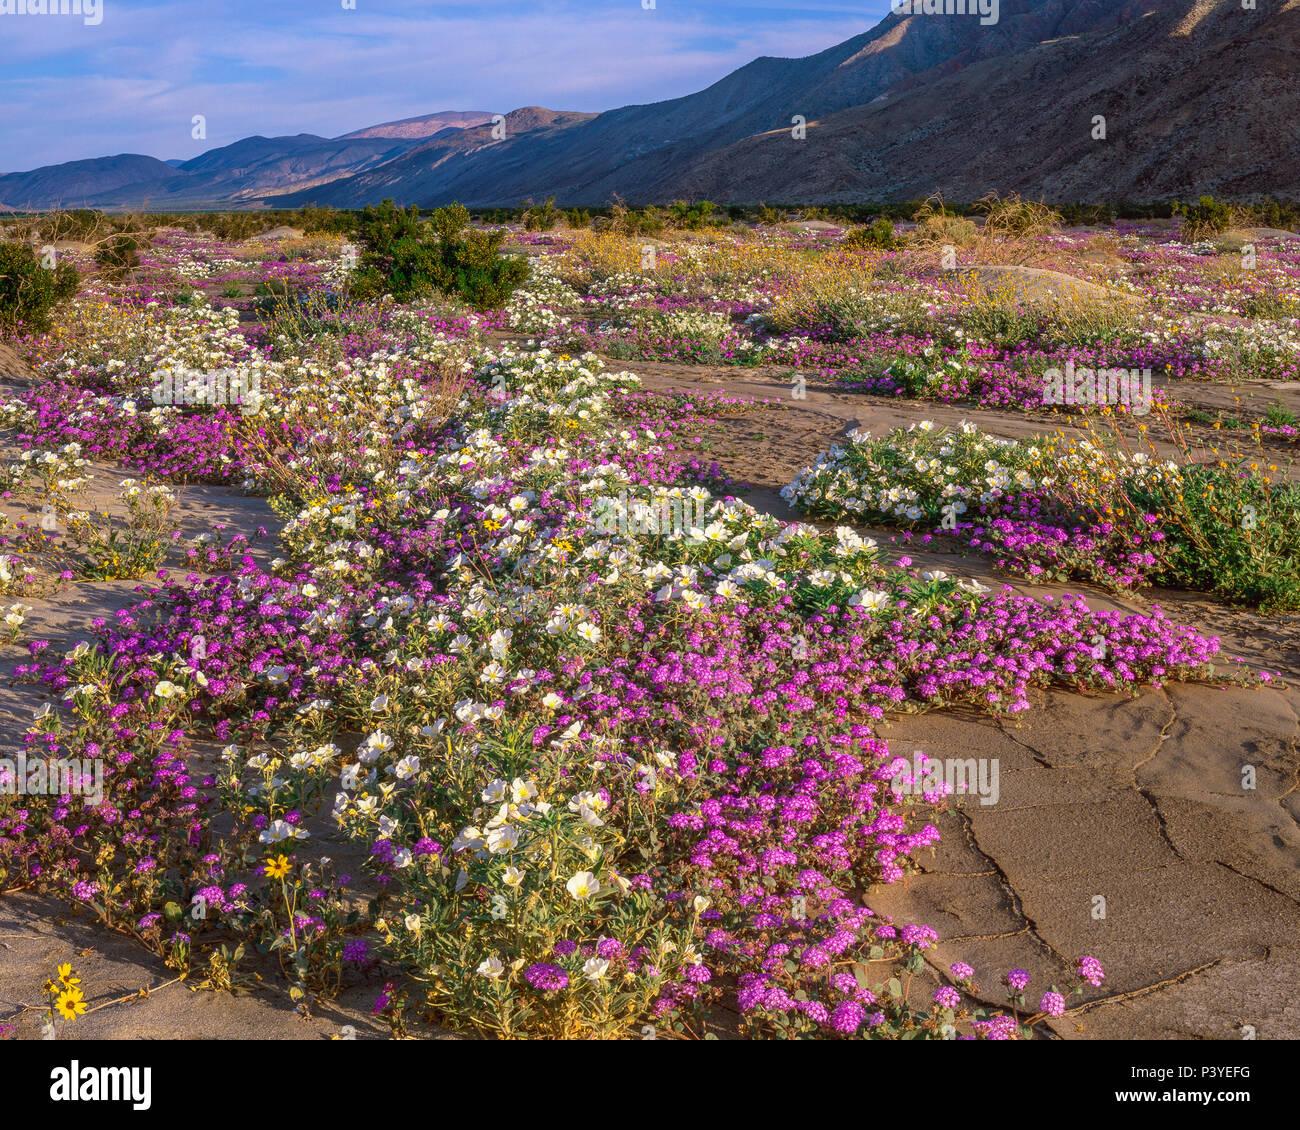 Verbena, Primrose, Henderson Canyon, Anza-Borrego Desert State Park, CA - Stock Image